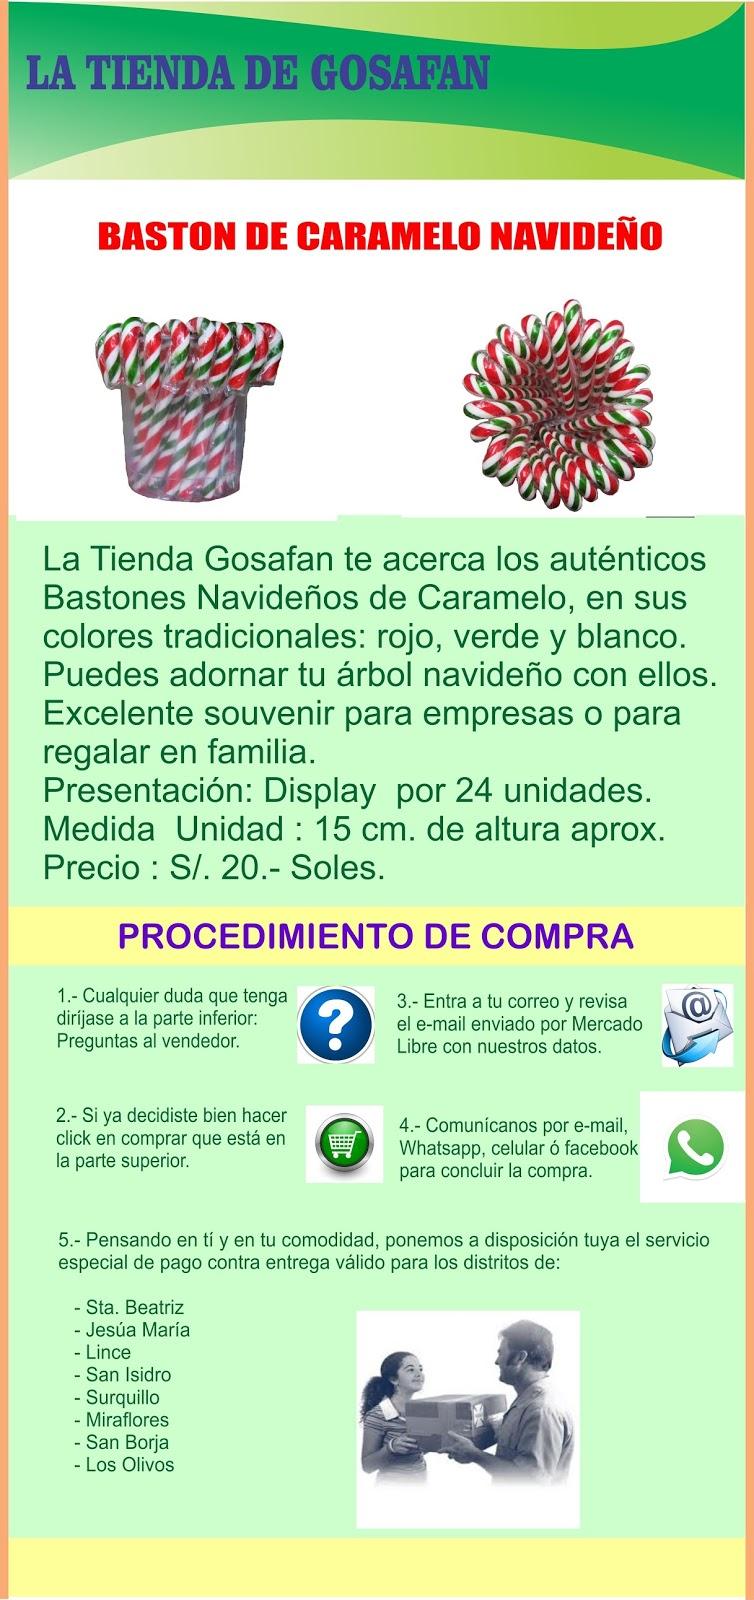 Modelos de Bastones Navideños de 15 cm,Tricolor; Rojo, Verde y Blanco